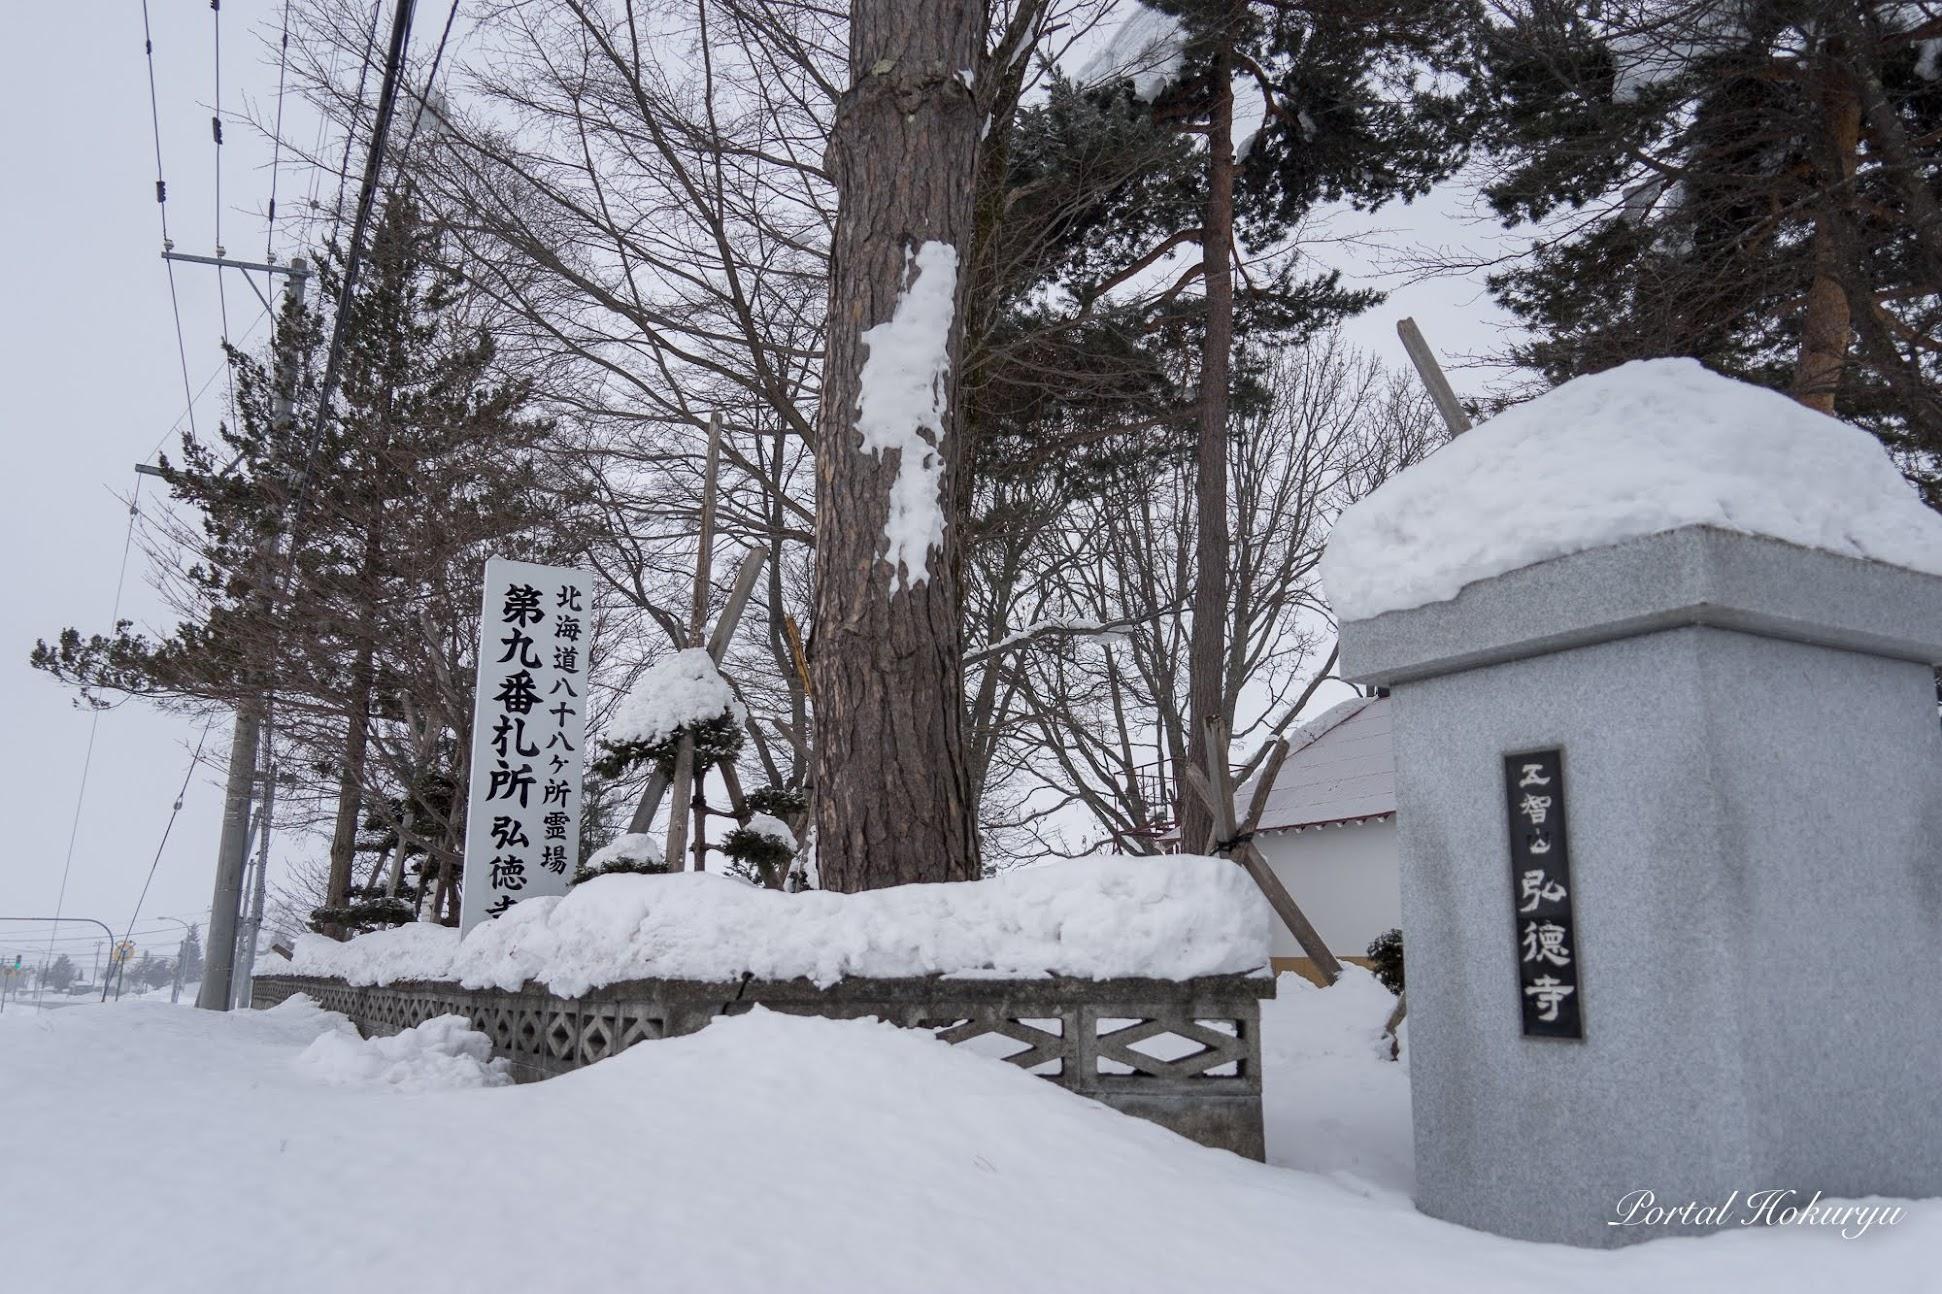 北海道八十八ヶ所霊場 第九番礼所「弘徳寺」